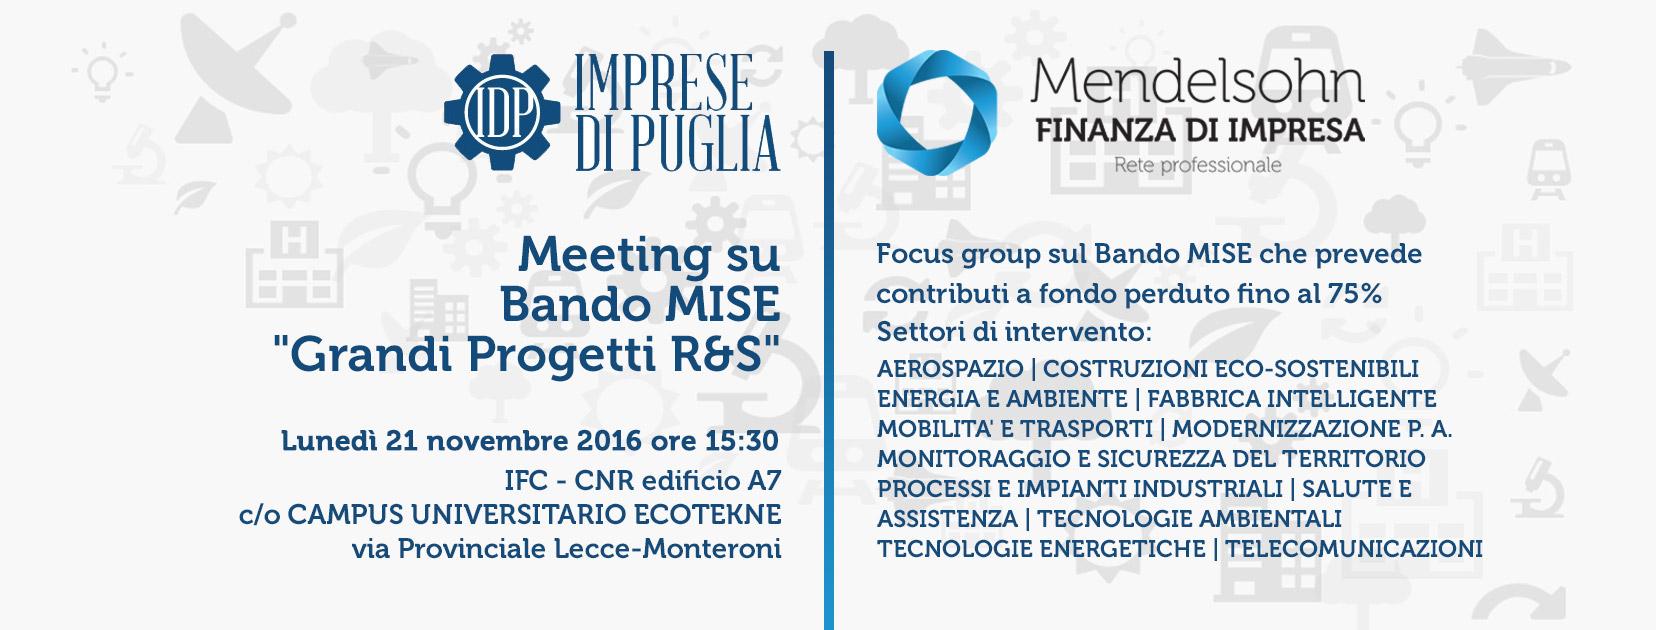 Bando Grandi Progetti R&S, meeting organizzato da Imprese di Puglia e Mendelsohn